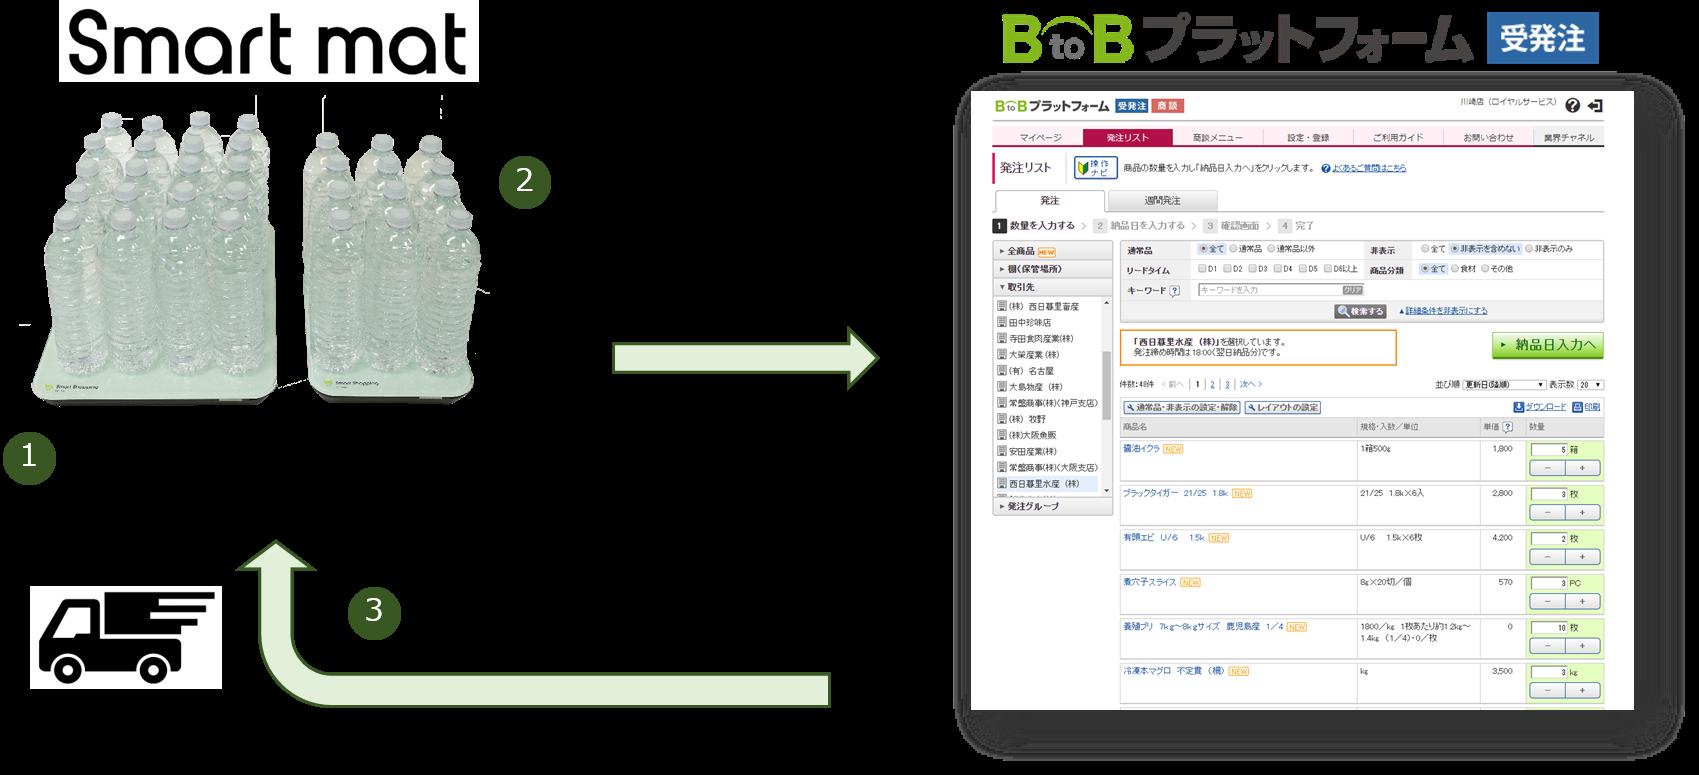 「BtoBプラットフォーム 受発注」と「スマートマット」の在庫管理ソリューションが連携